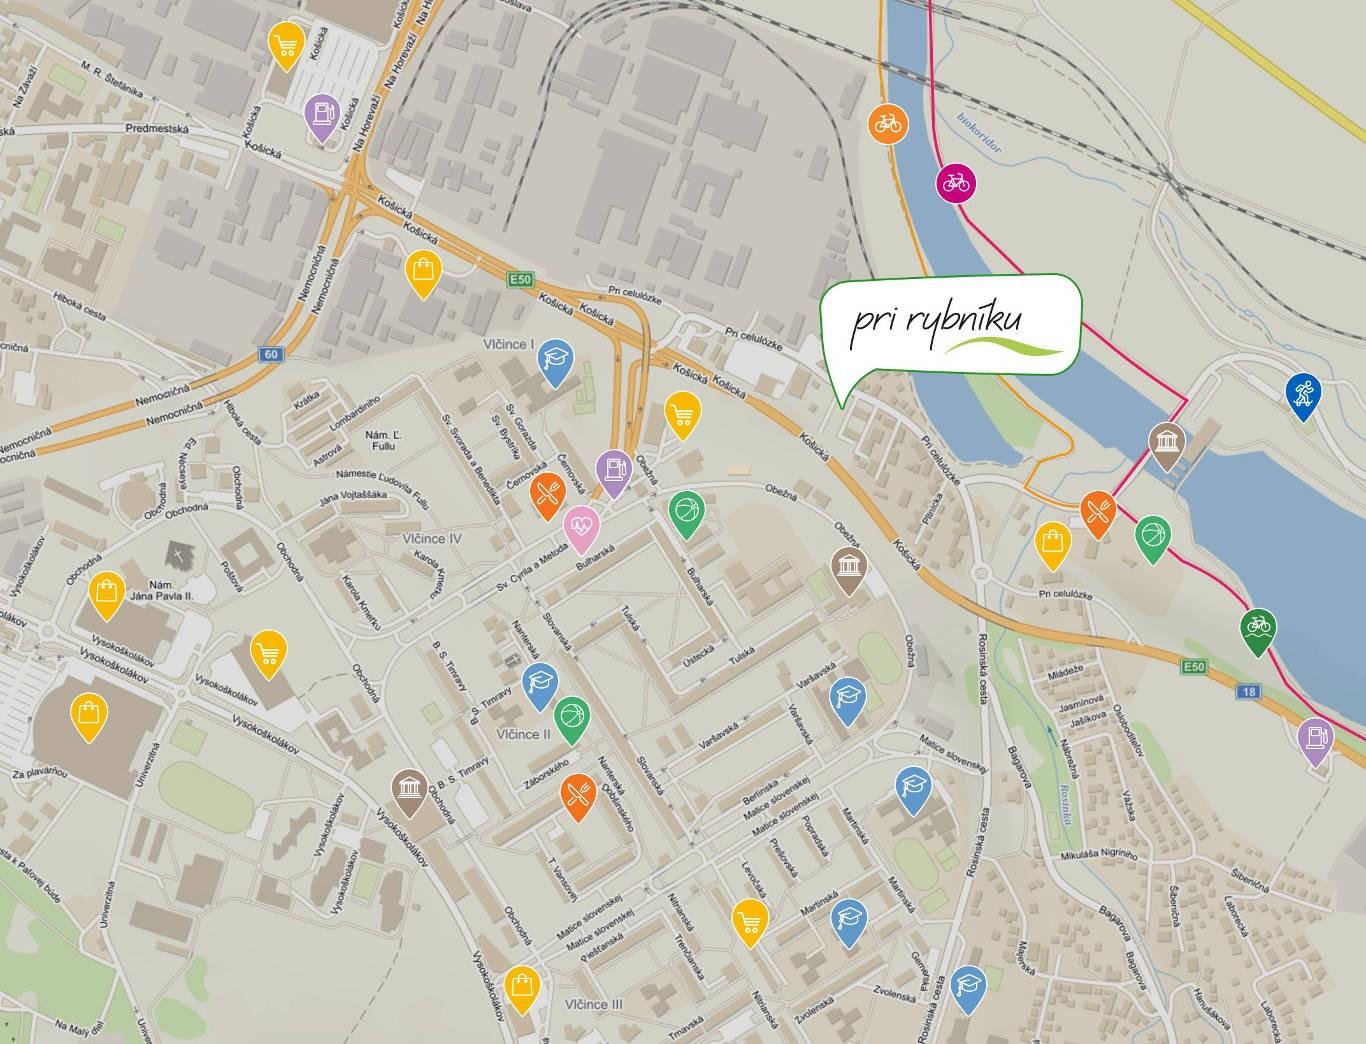 Mapa umiestnenia budovy | prirybniku.sk